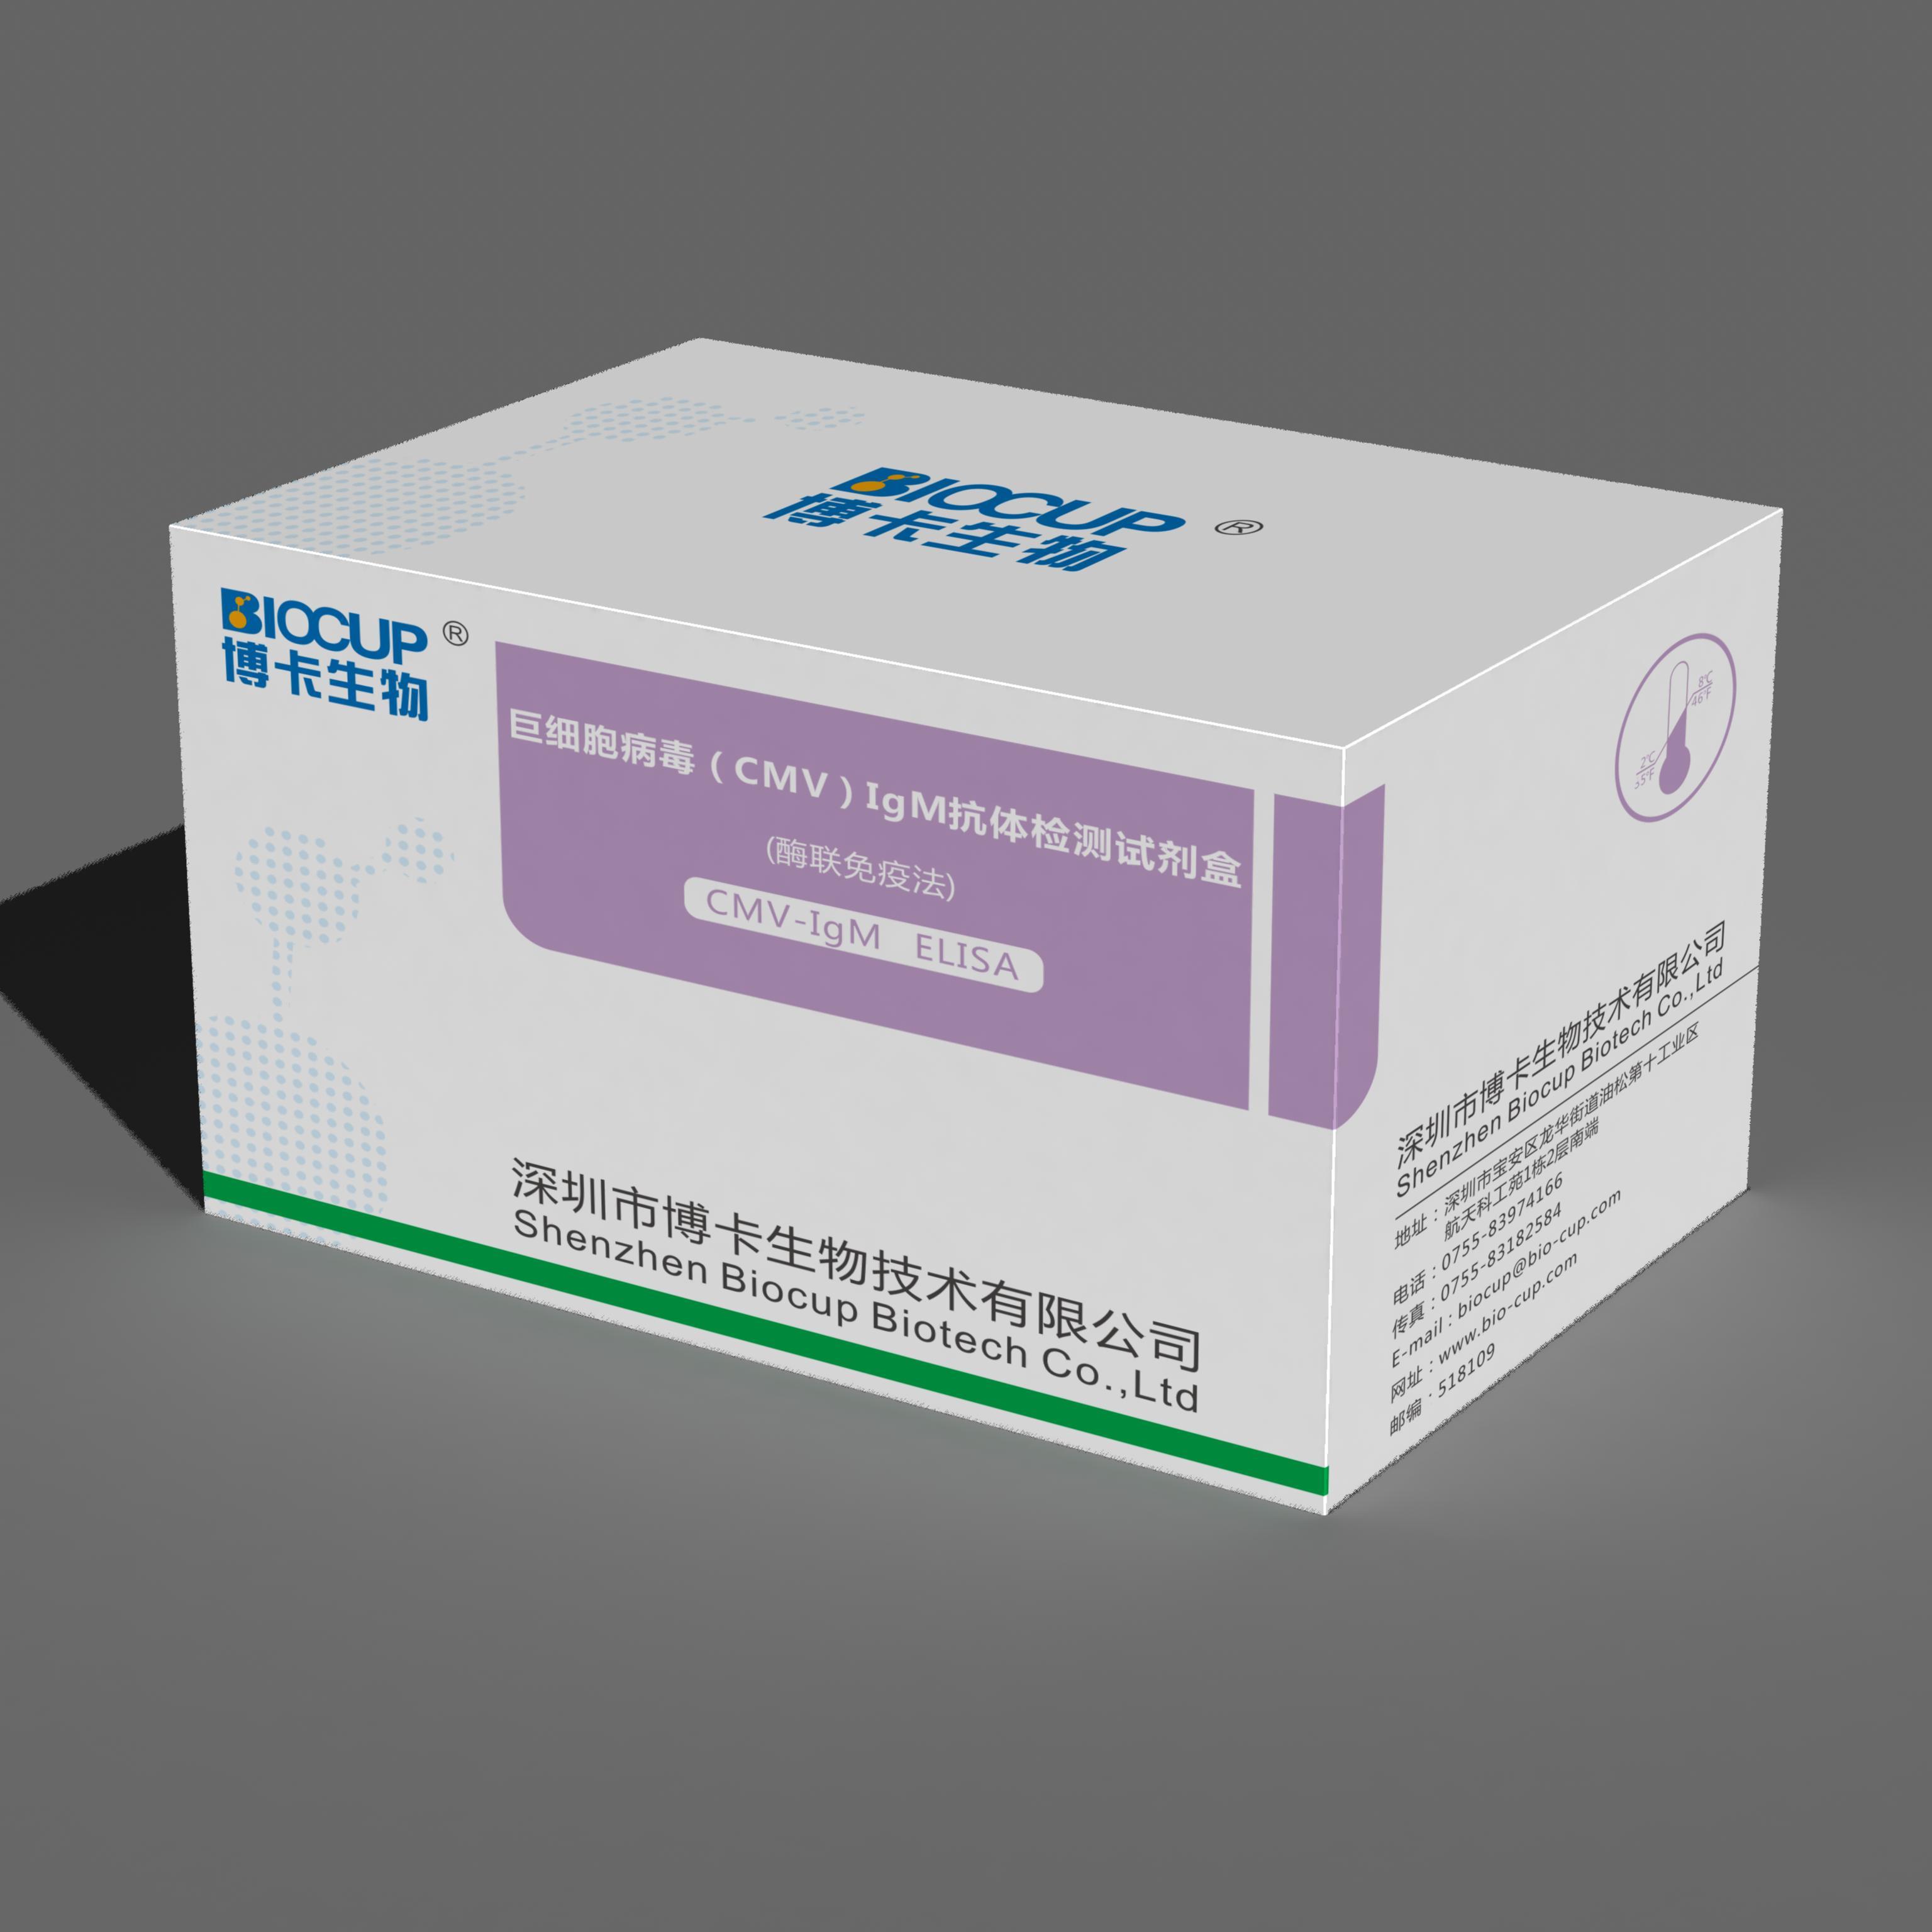 巨细胞病毒(CMV)IgM抗体检测试剂盒